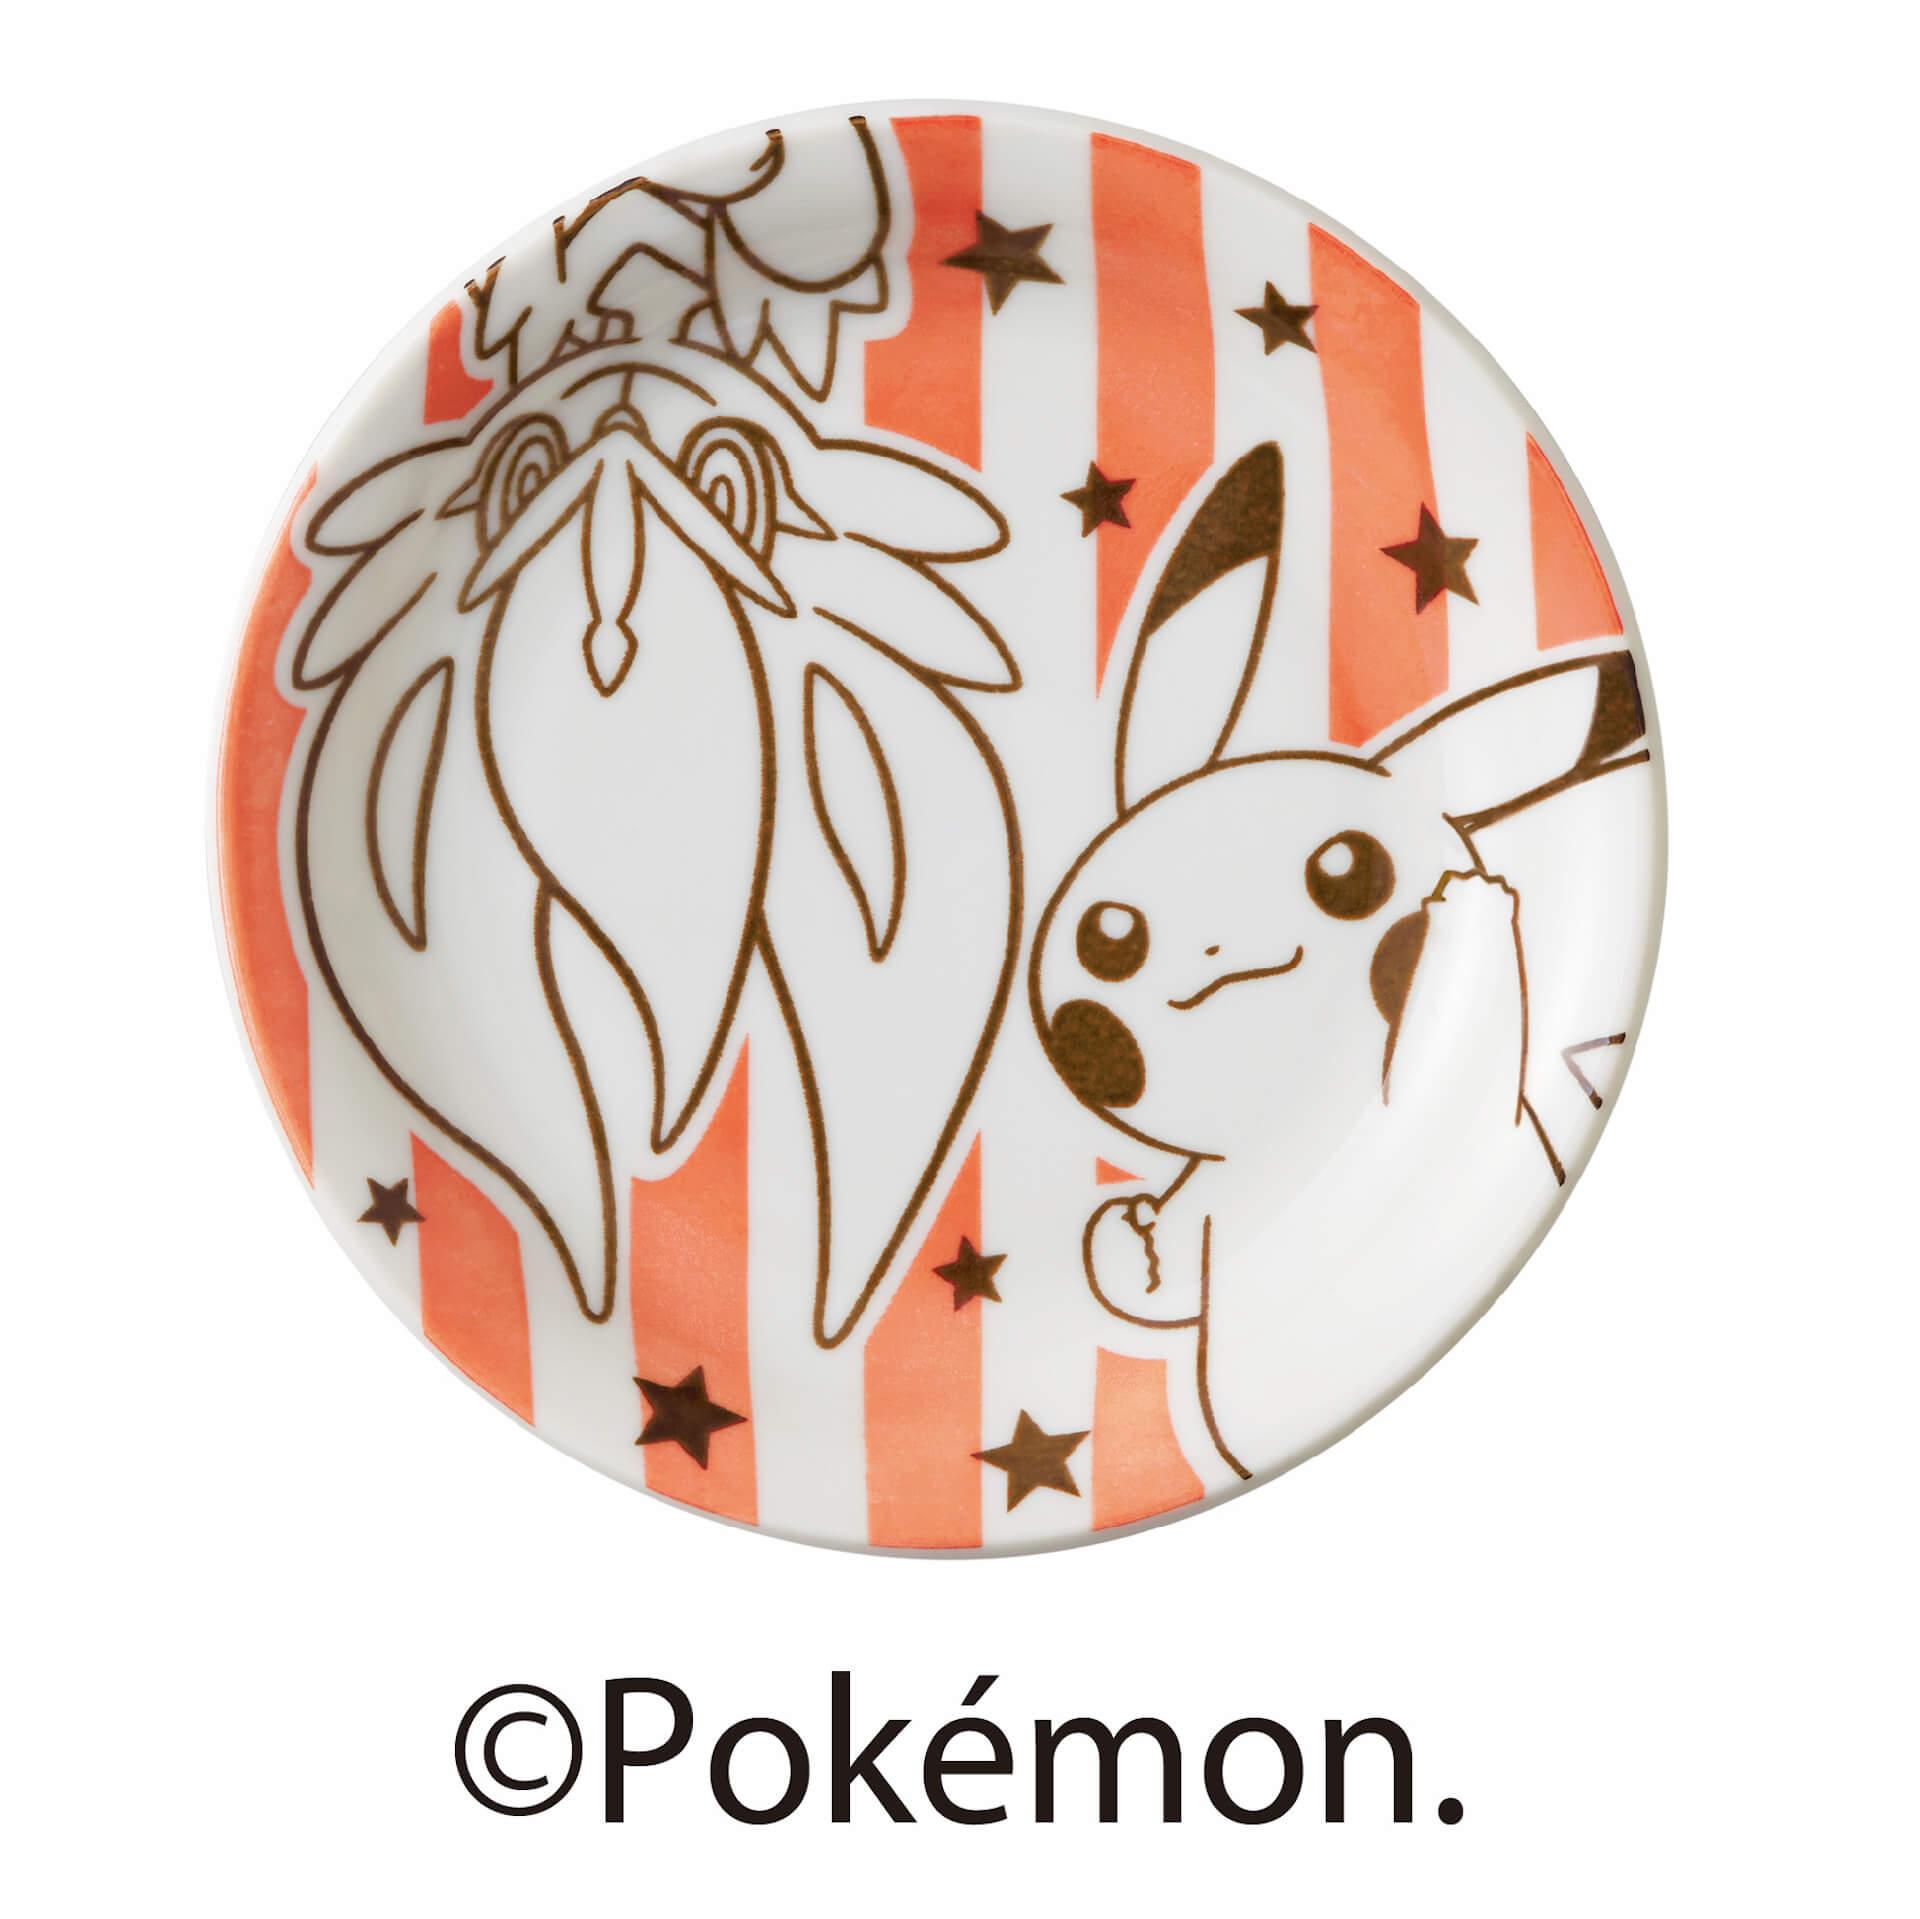 """ミスドとポケモンのコラボキャンペーン""""ミスドでポケモンといいことあるぞ""""に数量限定の「ポケモン おやつ皿」が登場!「ミスド ポケモン キッズセット」発売決定 gourmet201110_misdo_pokemon_1"""